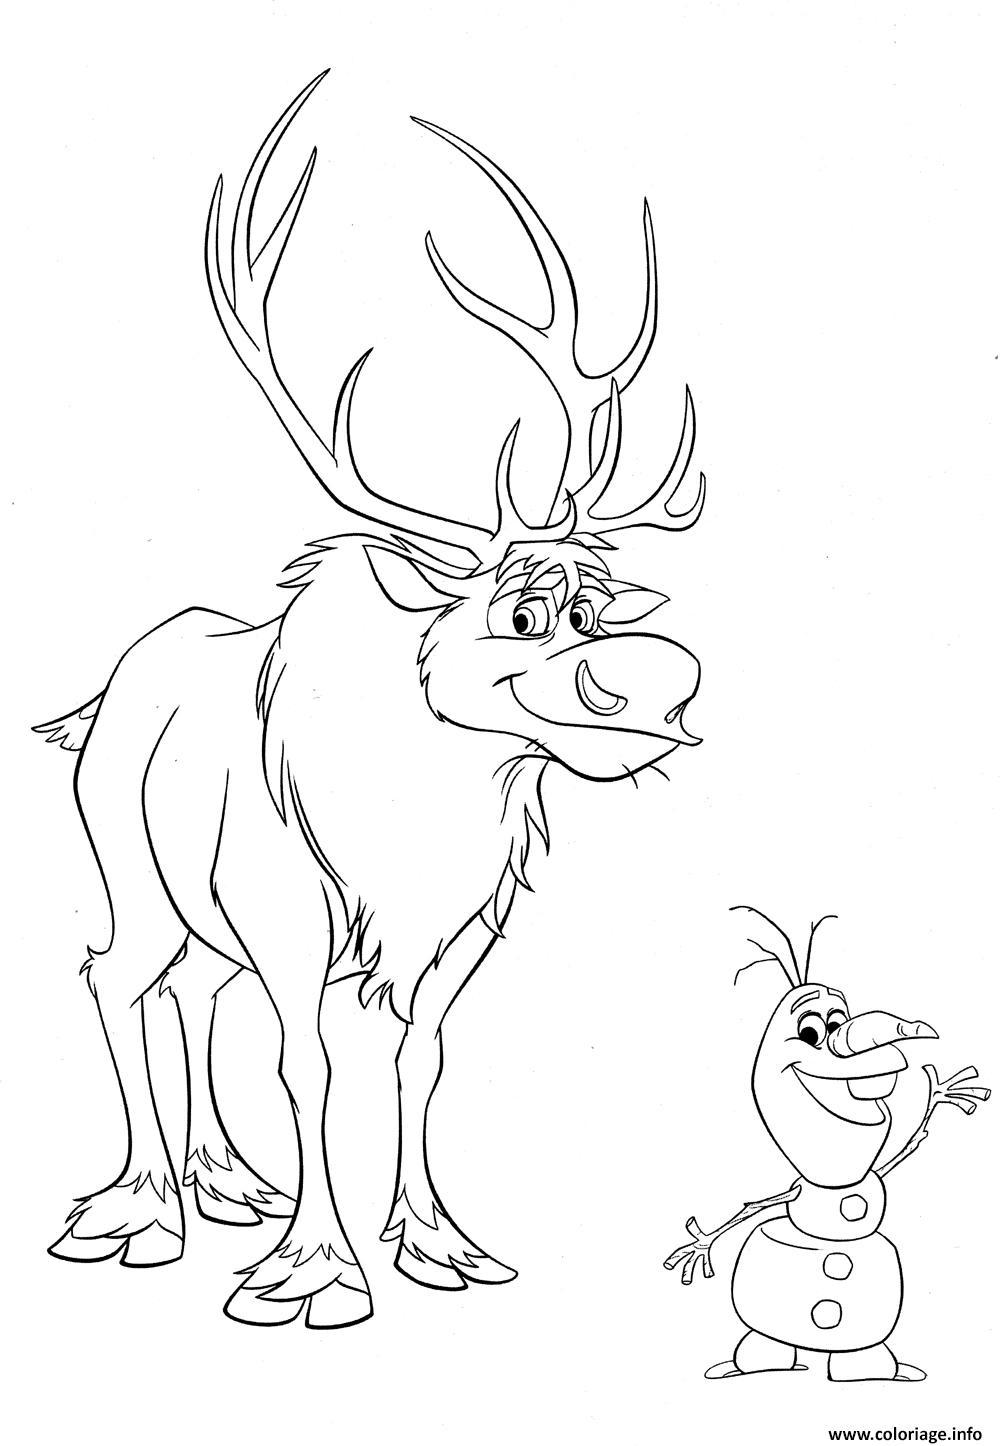 Coloriage Sven Et Olaf De La Reine Des Neiges Disney Dessin